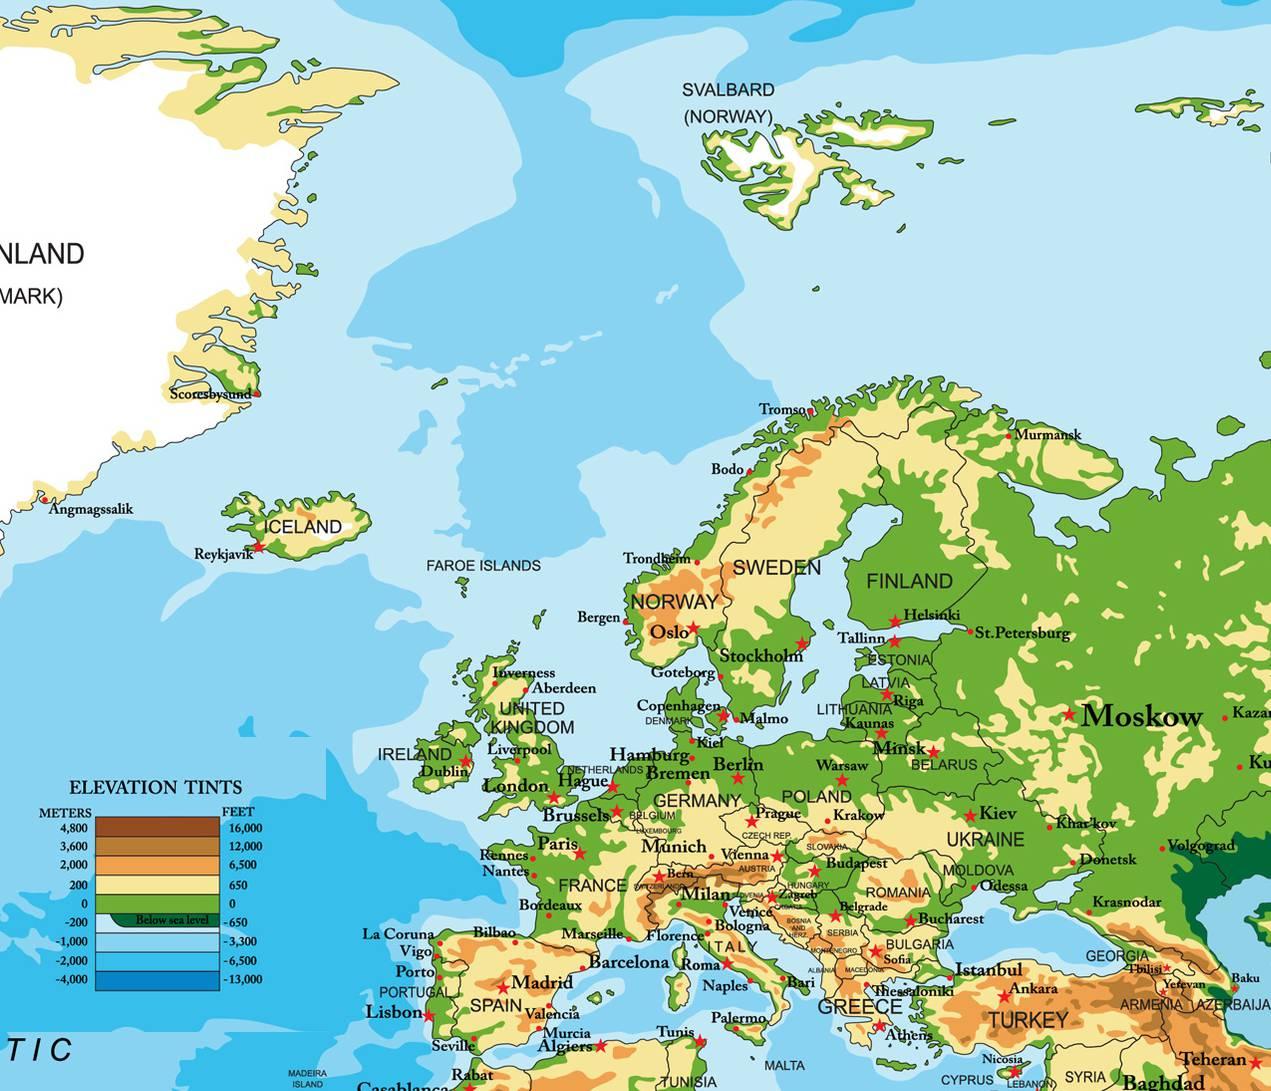 Carte De L'europe - Cartes Reliefs, Villes, Pays, Euro, Ue dedans Carte D Europe 2017